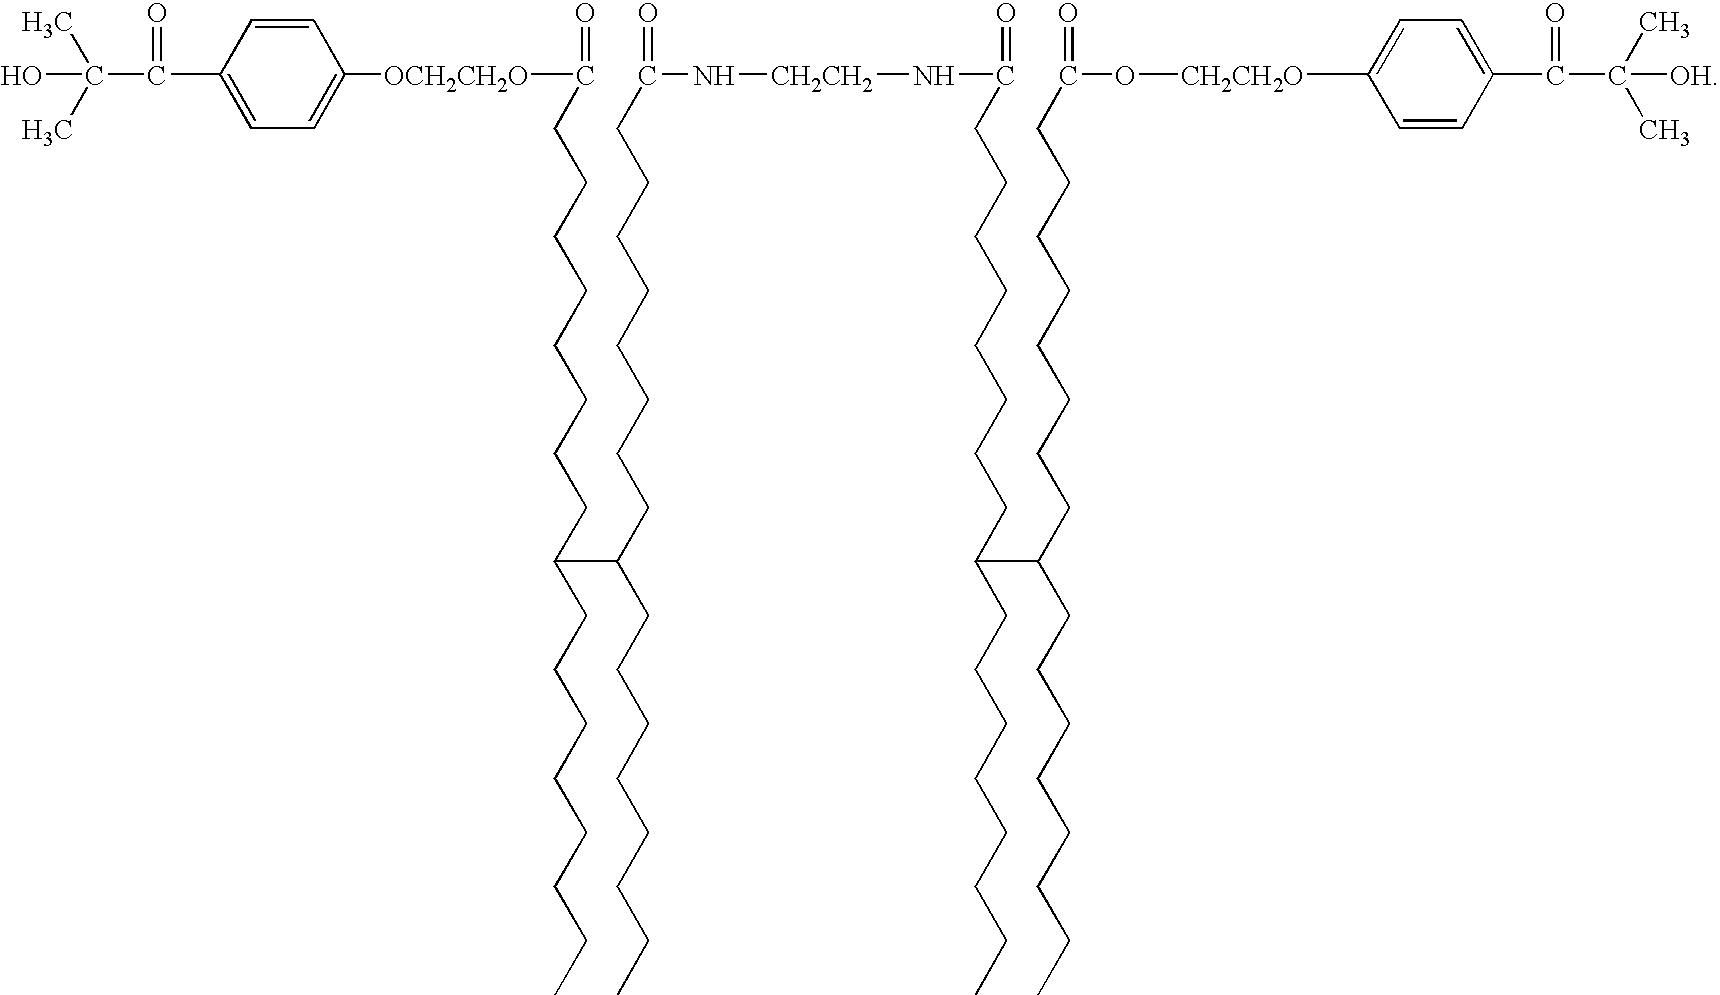 Figure US07279587-20071009-C00020